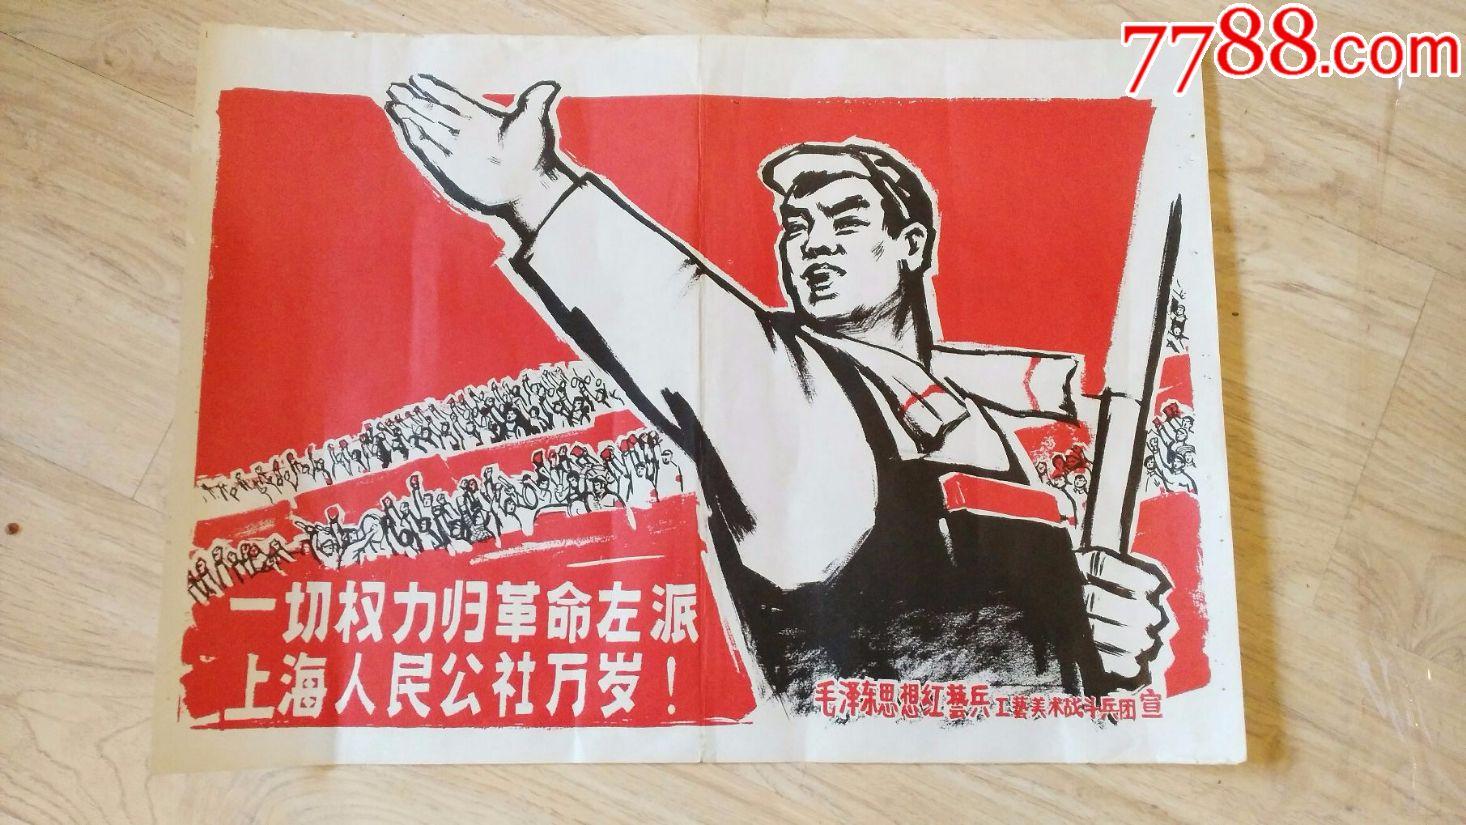 一切权力归革命左派.上海人民公社万岁